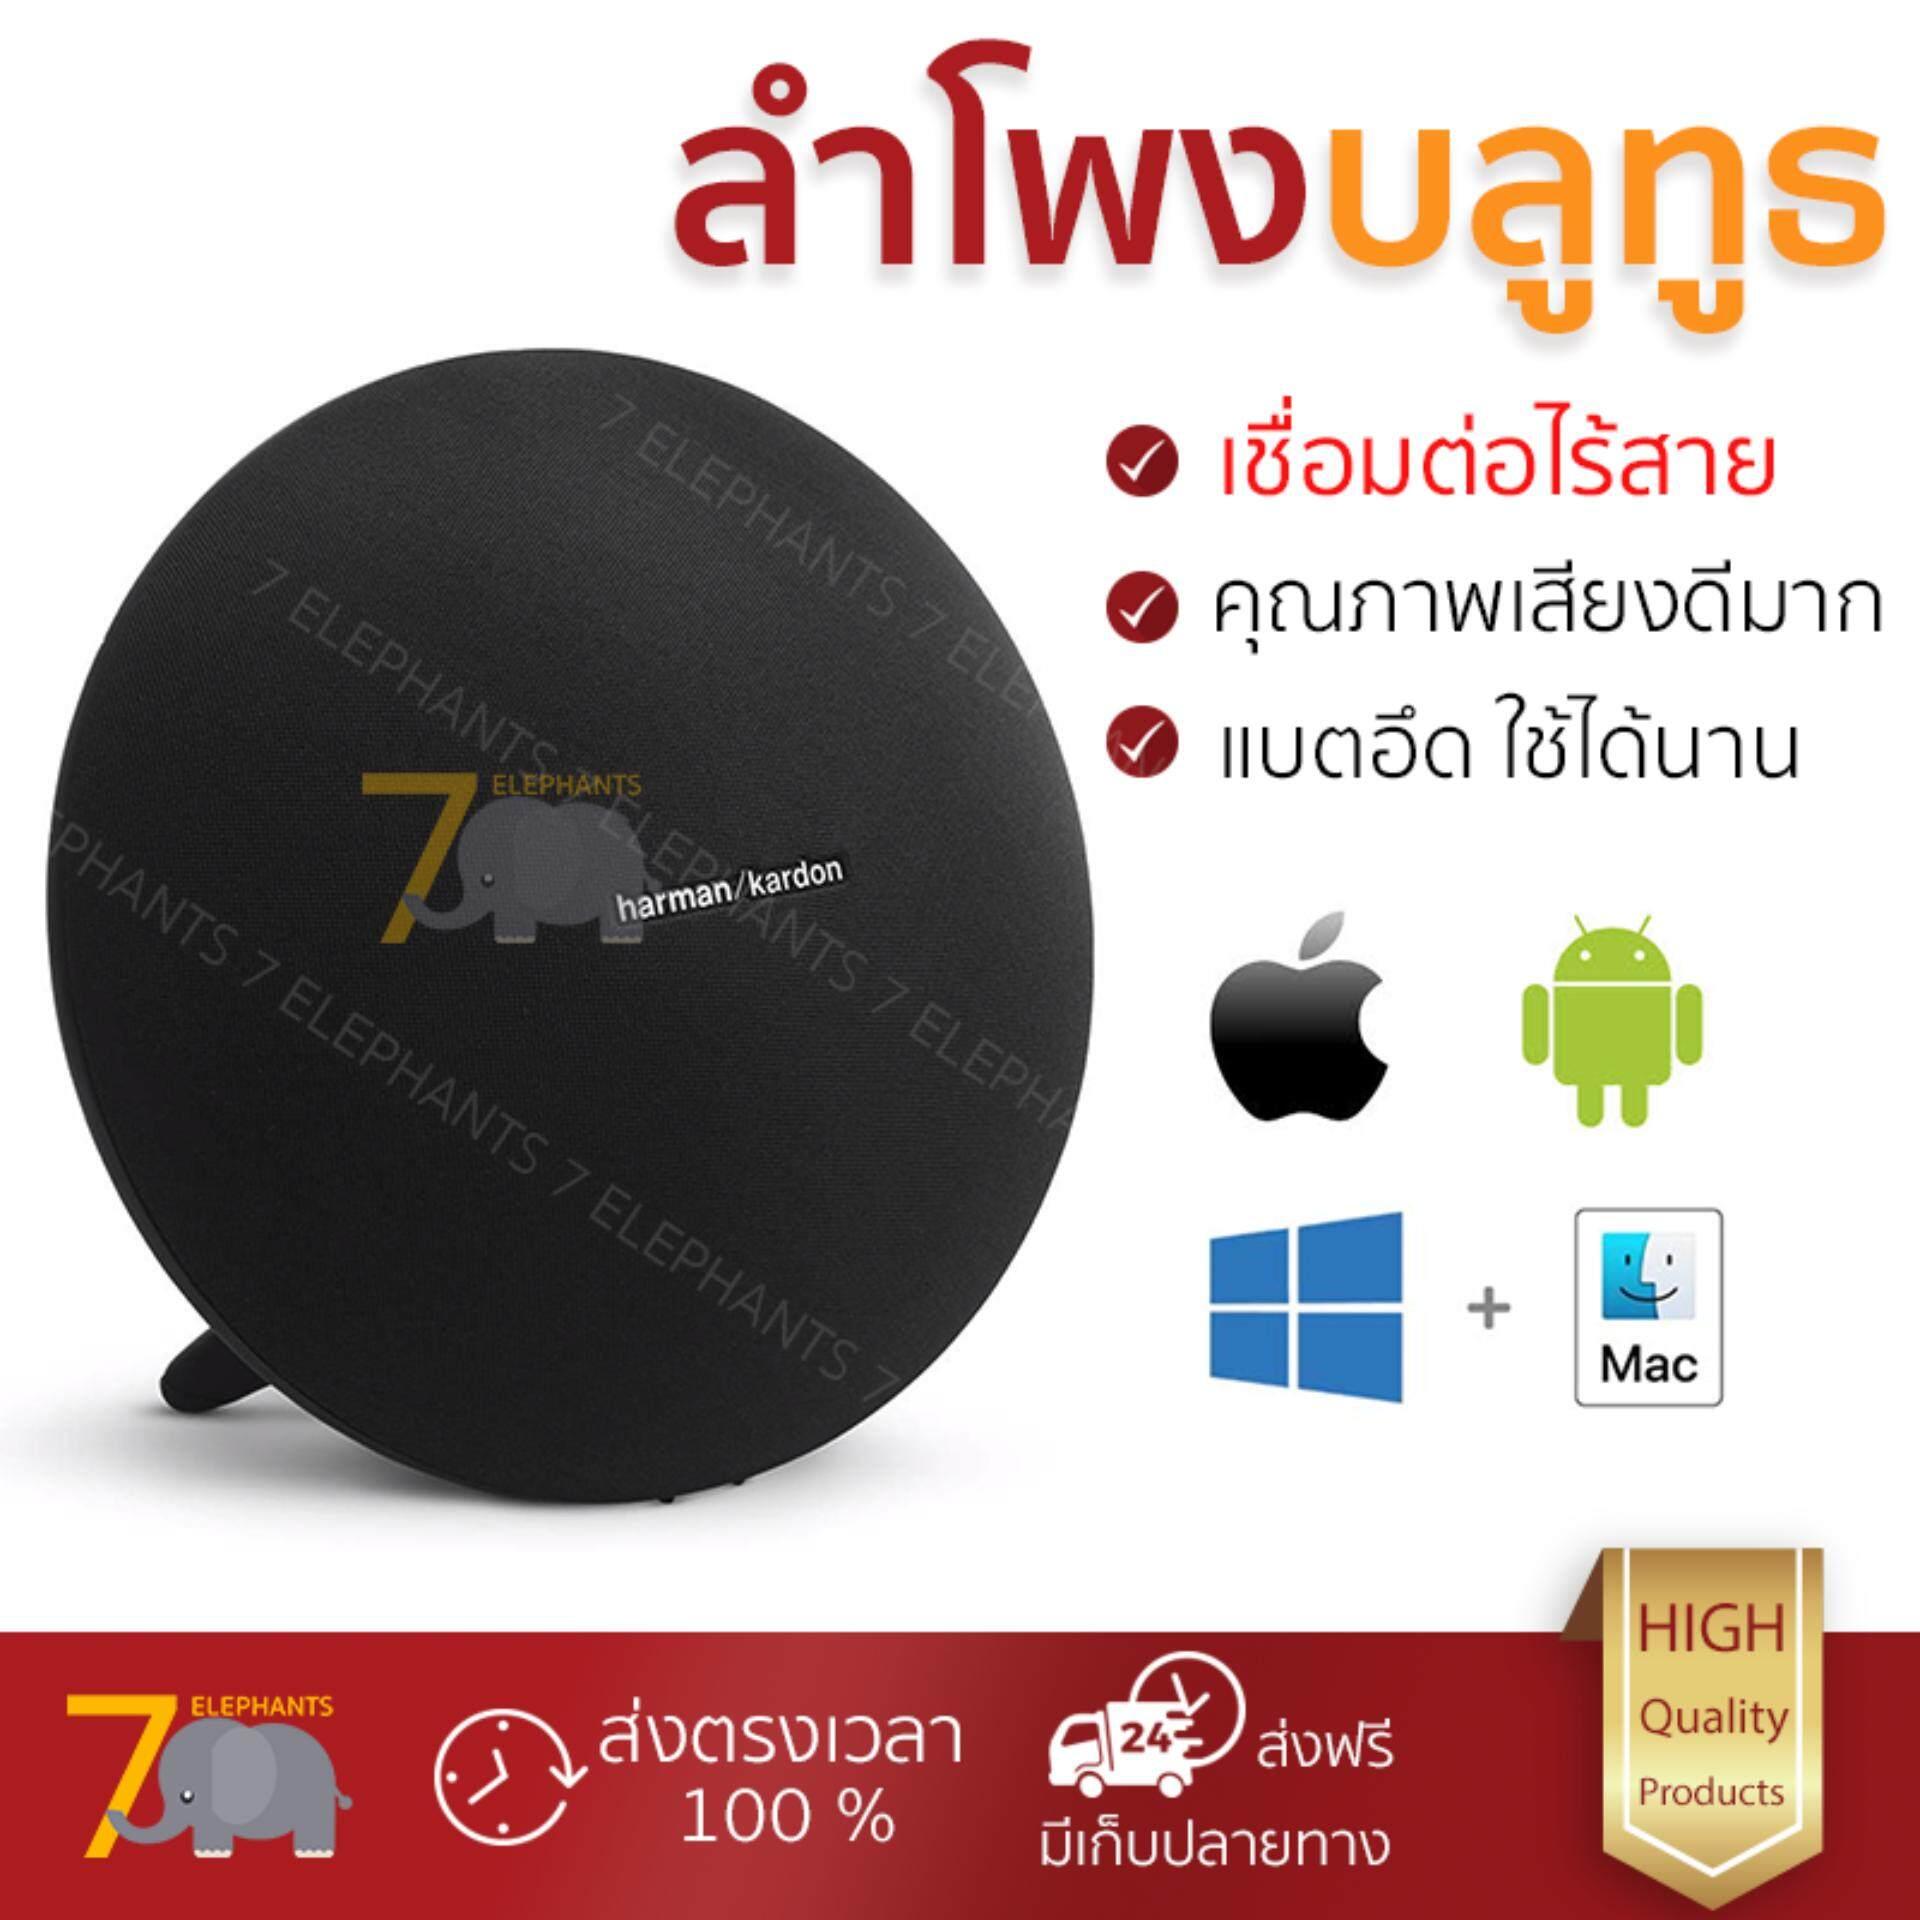 การใช้งาน  ตราด จัดส่งฟรี ลำโพงบลูทูธ  Harman Kardon Bluetooth Speaker 2.1 Onyx Studio4 Black เสียงใส คุณภาพเกินตัว Wireless Bluetooth Speaker รับประกัน 1 ปี